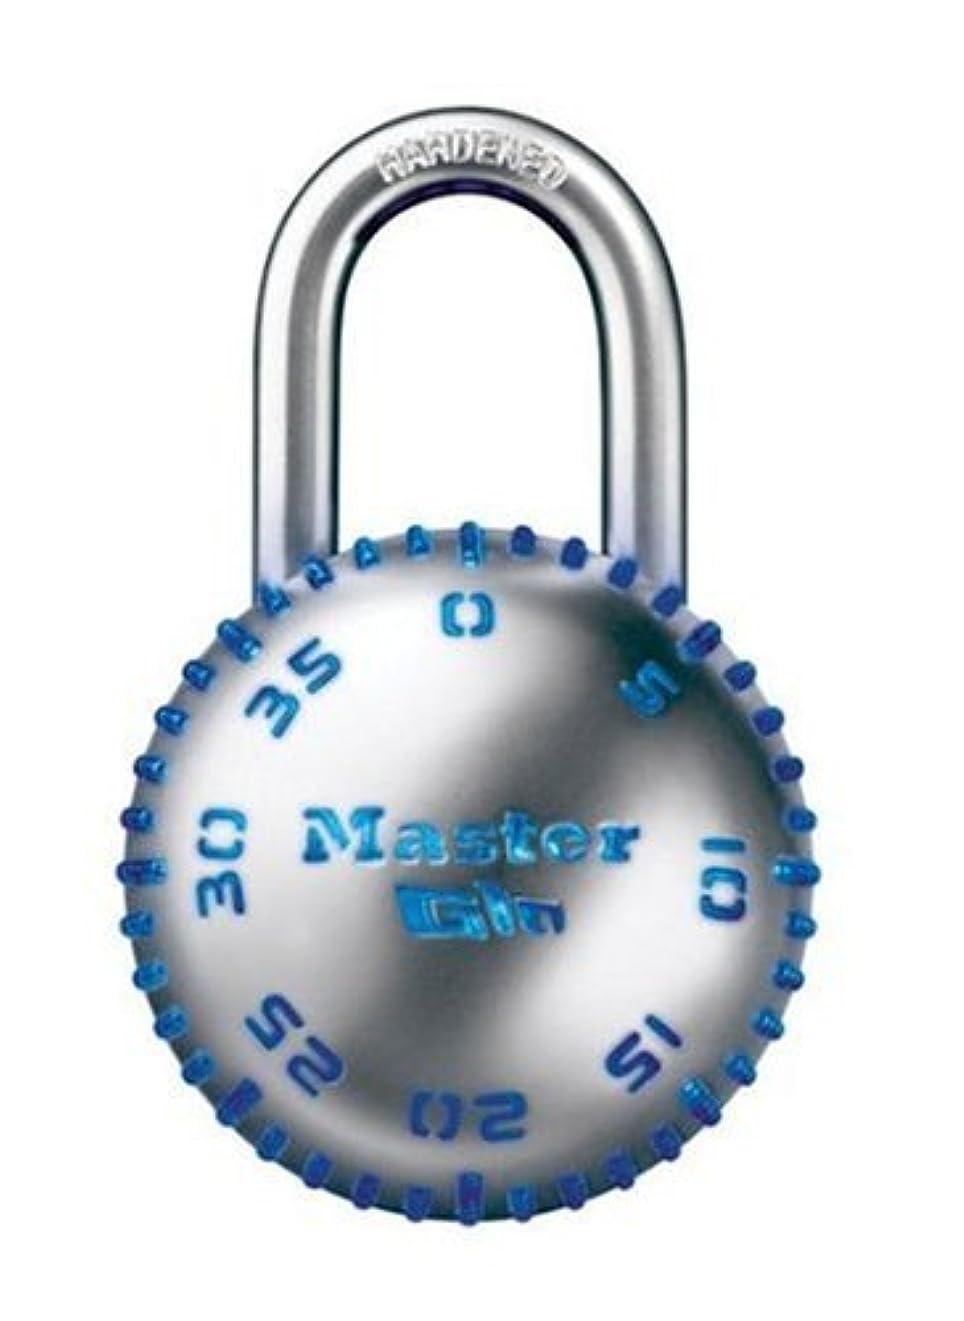 隠乳白色インターネットマスターロック2077d glow-in-the-dark組み合わせロックレッド、パープル、グリーン、ブルー、または、1パック